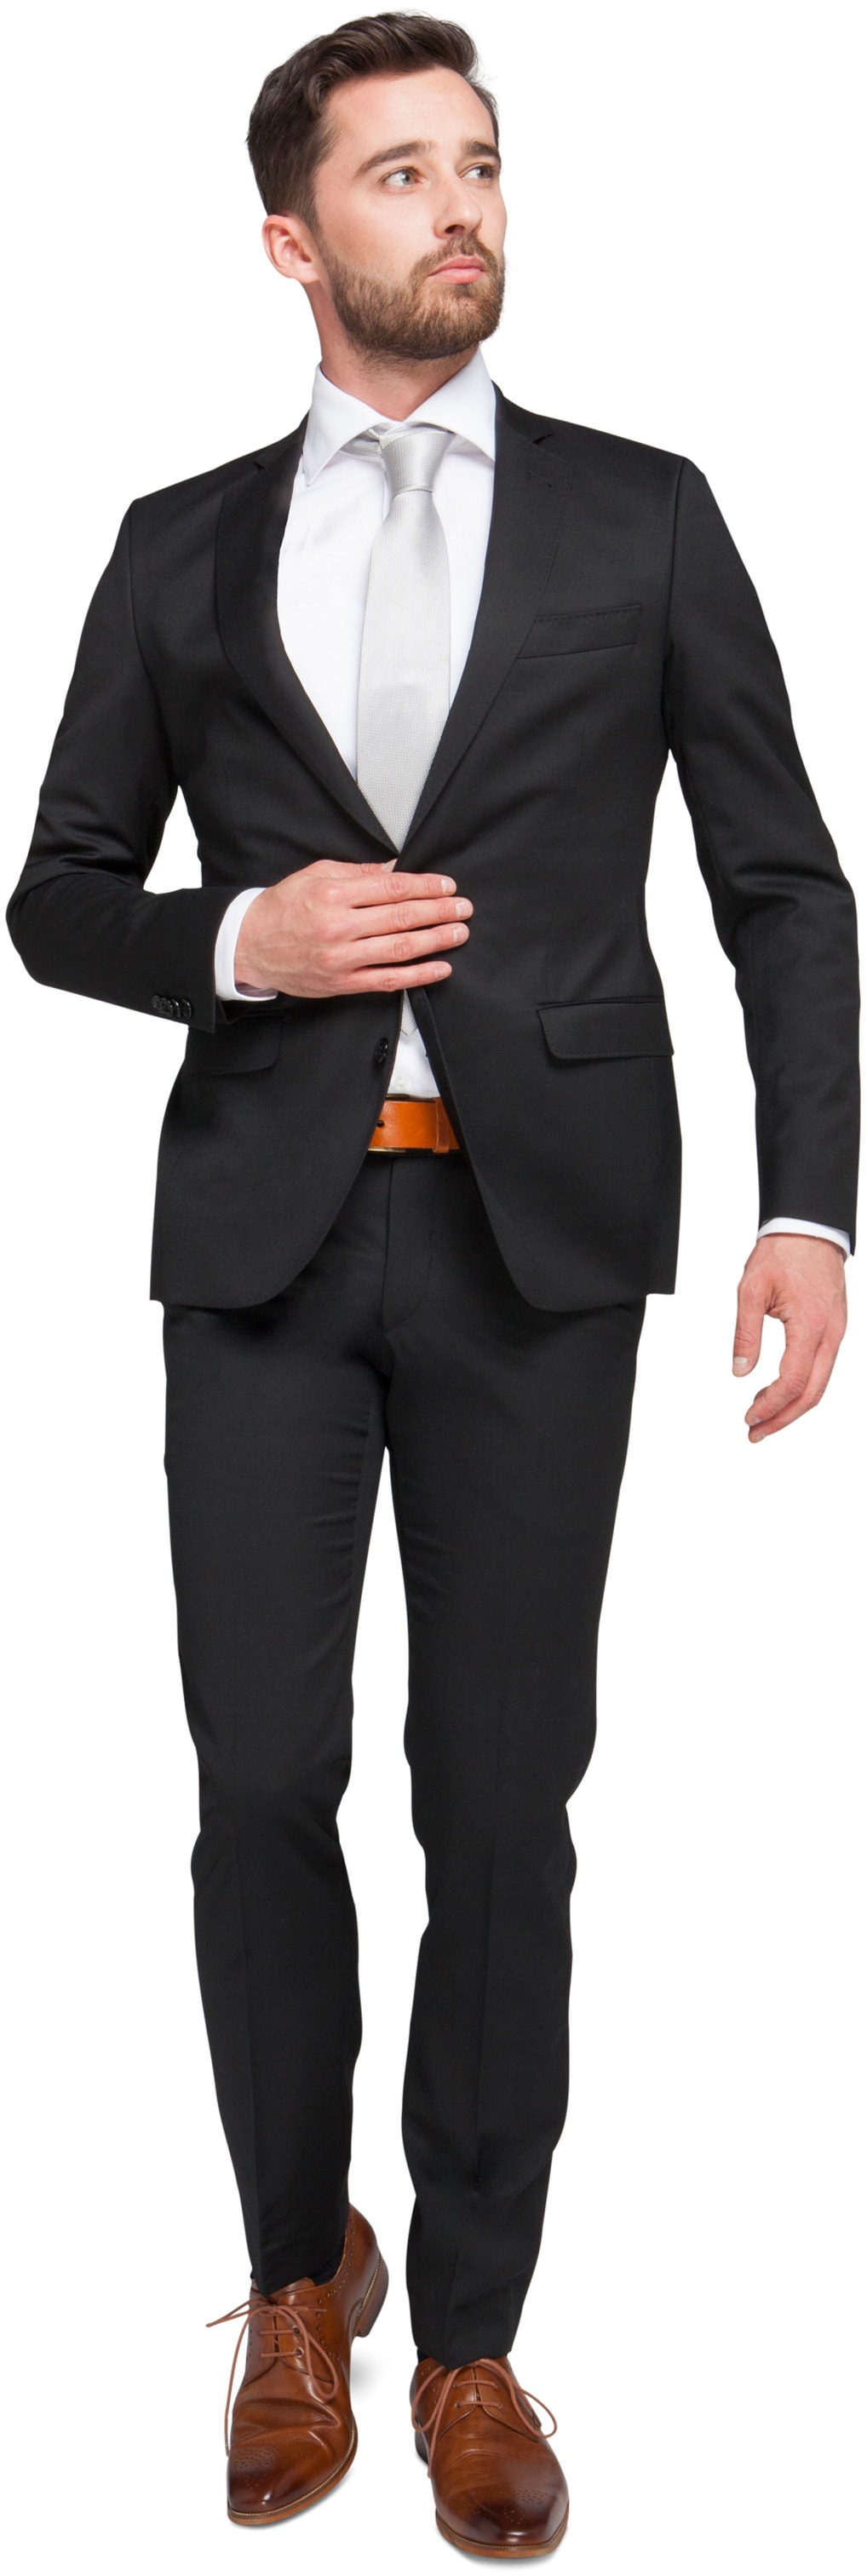 Suitable Kostuum Piga Zwart foto 0